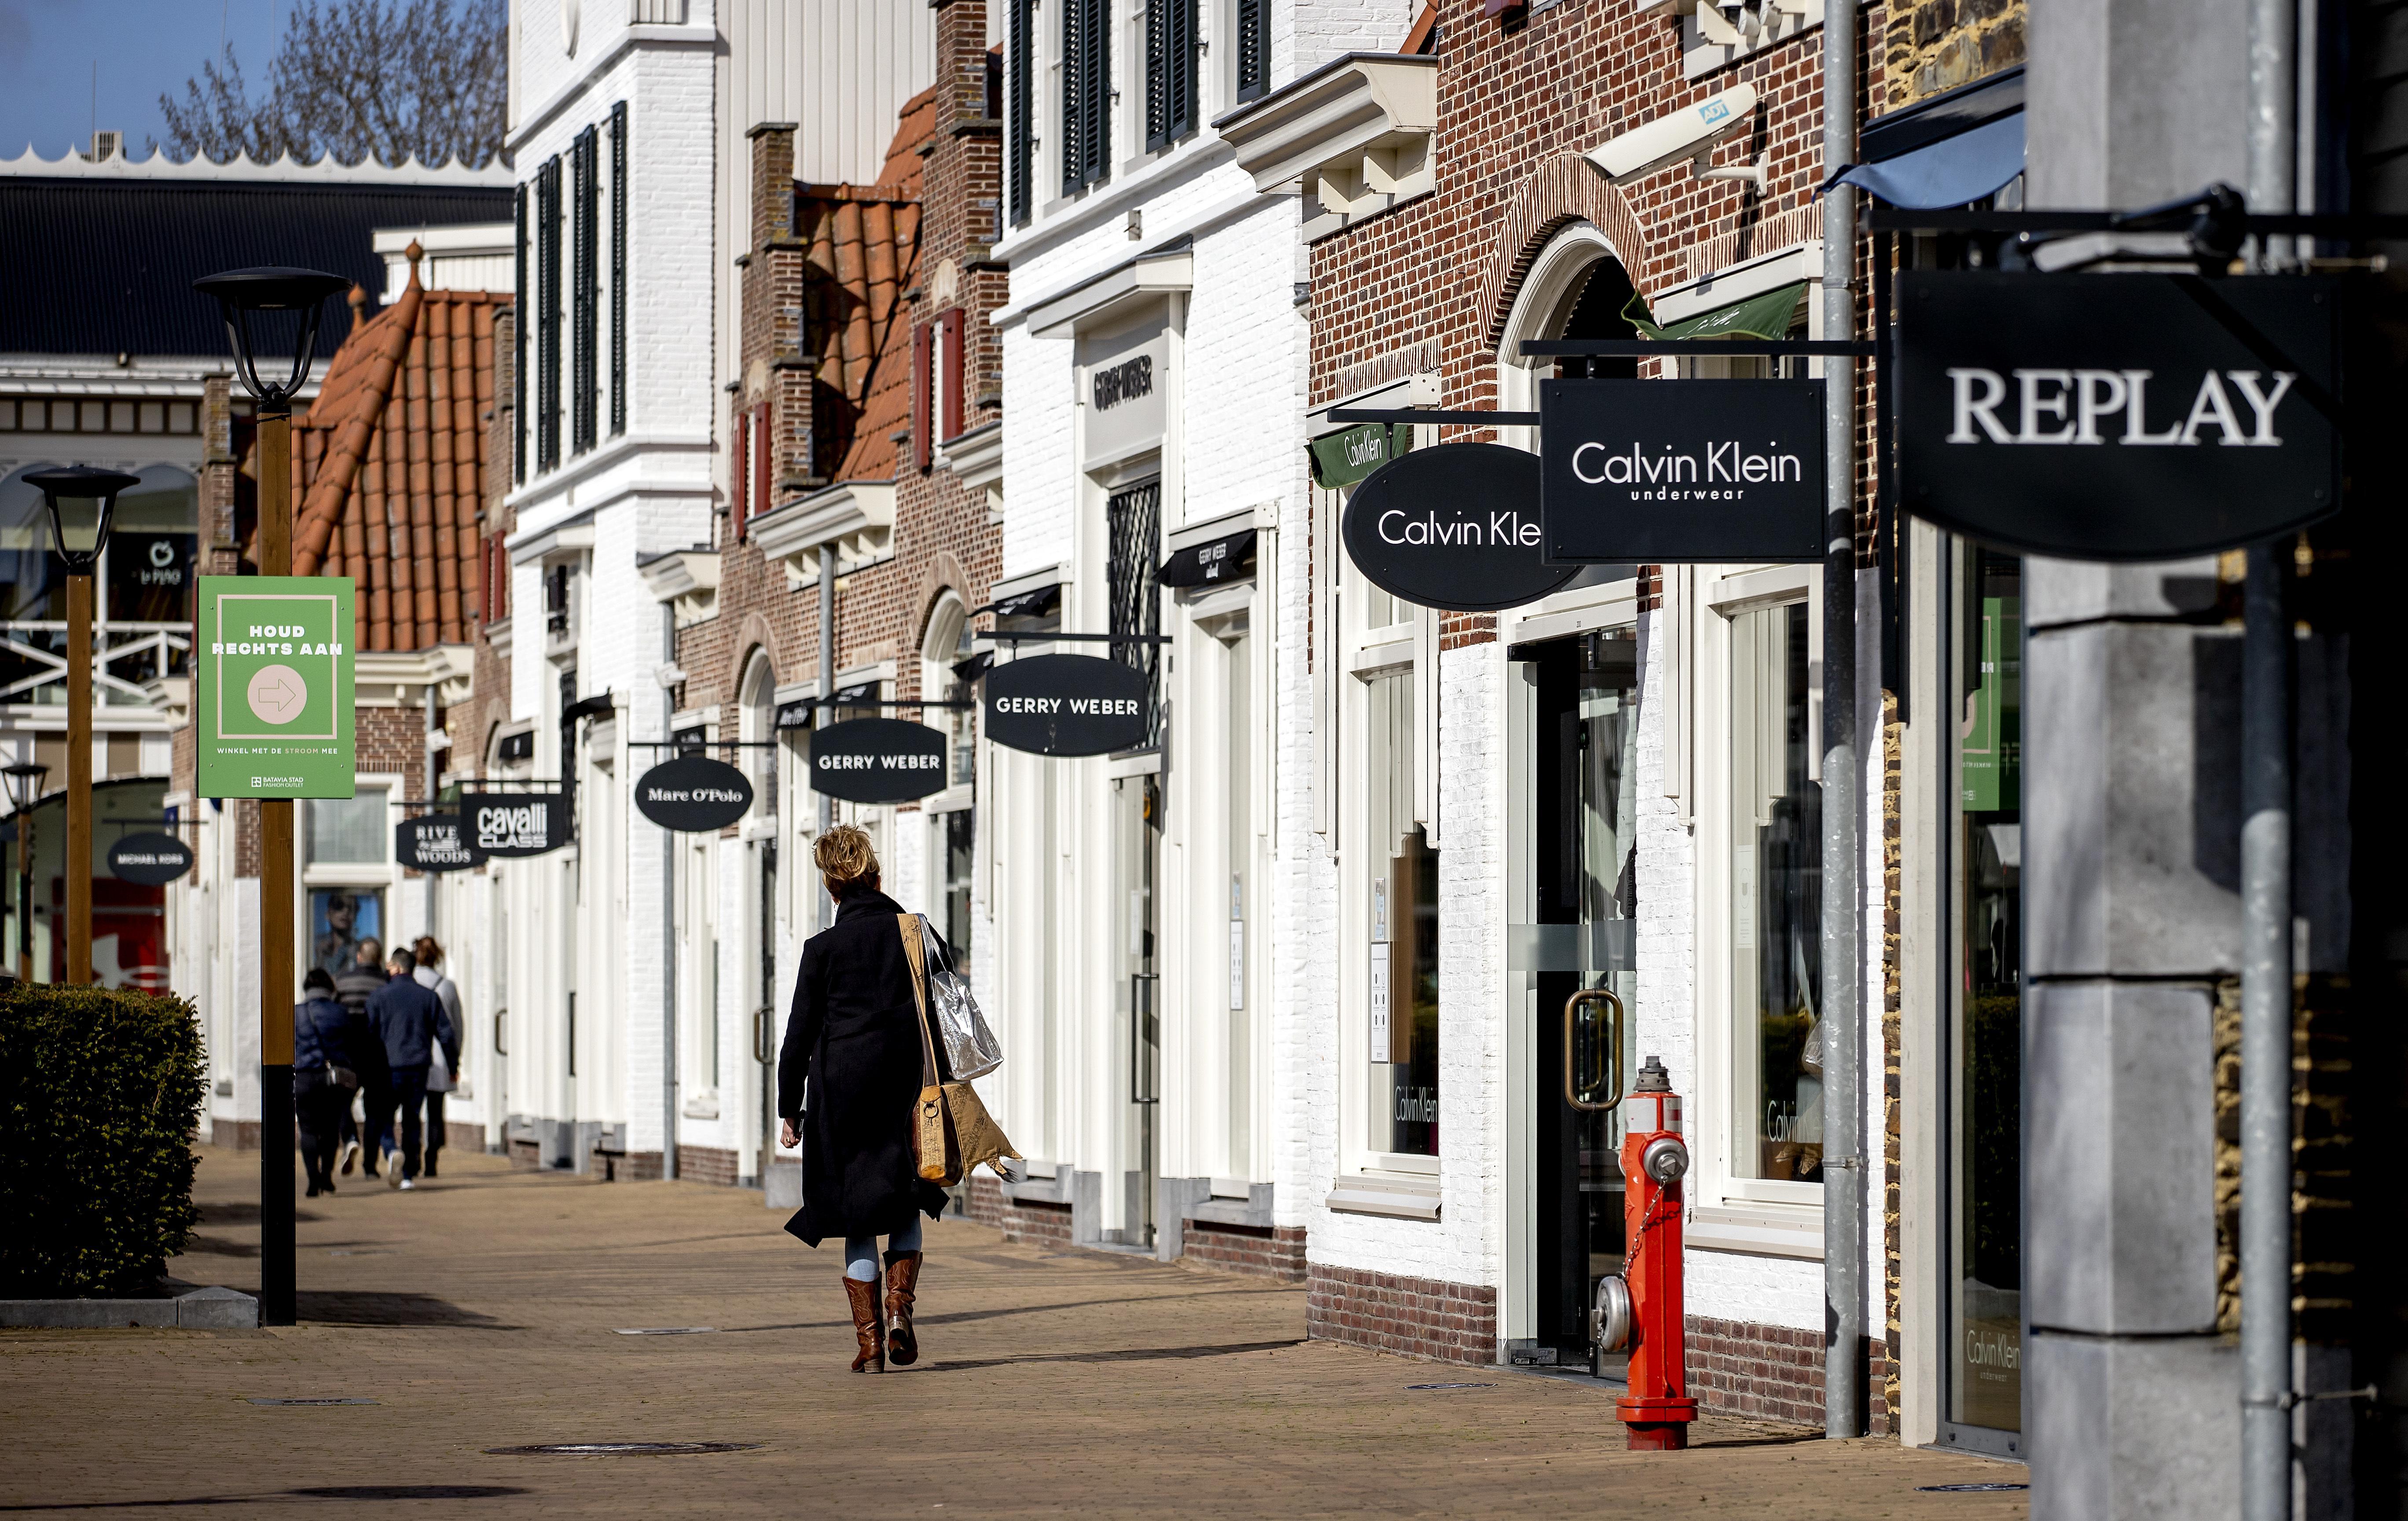 Aantal winkels opnieuw afgenomen. Hoe zit het in Leiden e.o.? [interactieve kaart]